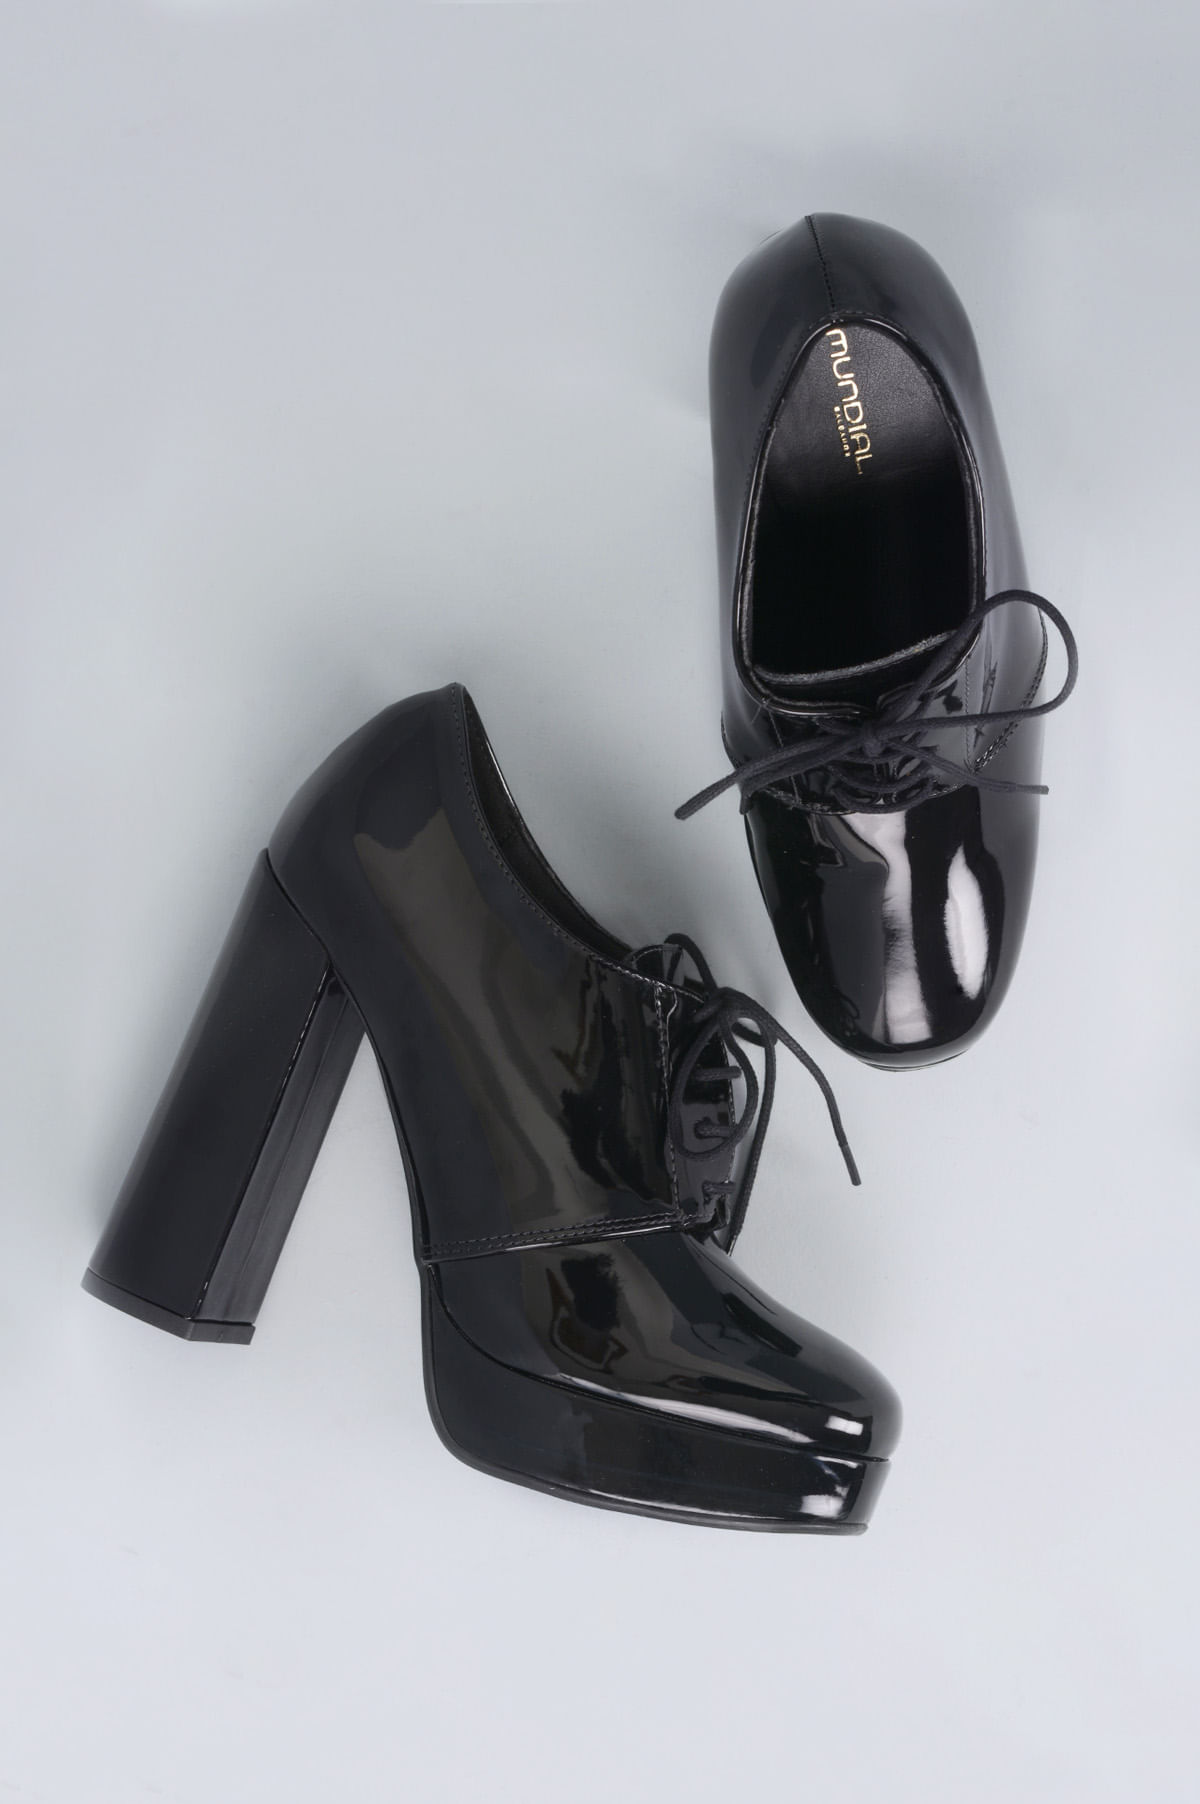 a975ffa86 Oxford Feminino Salto Alto John Mundial VERNIZ PRETO - Mundial Calçados